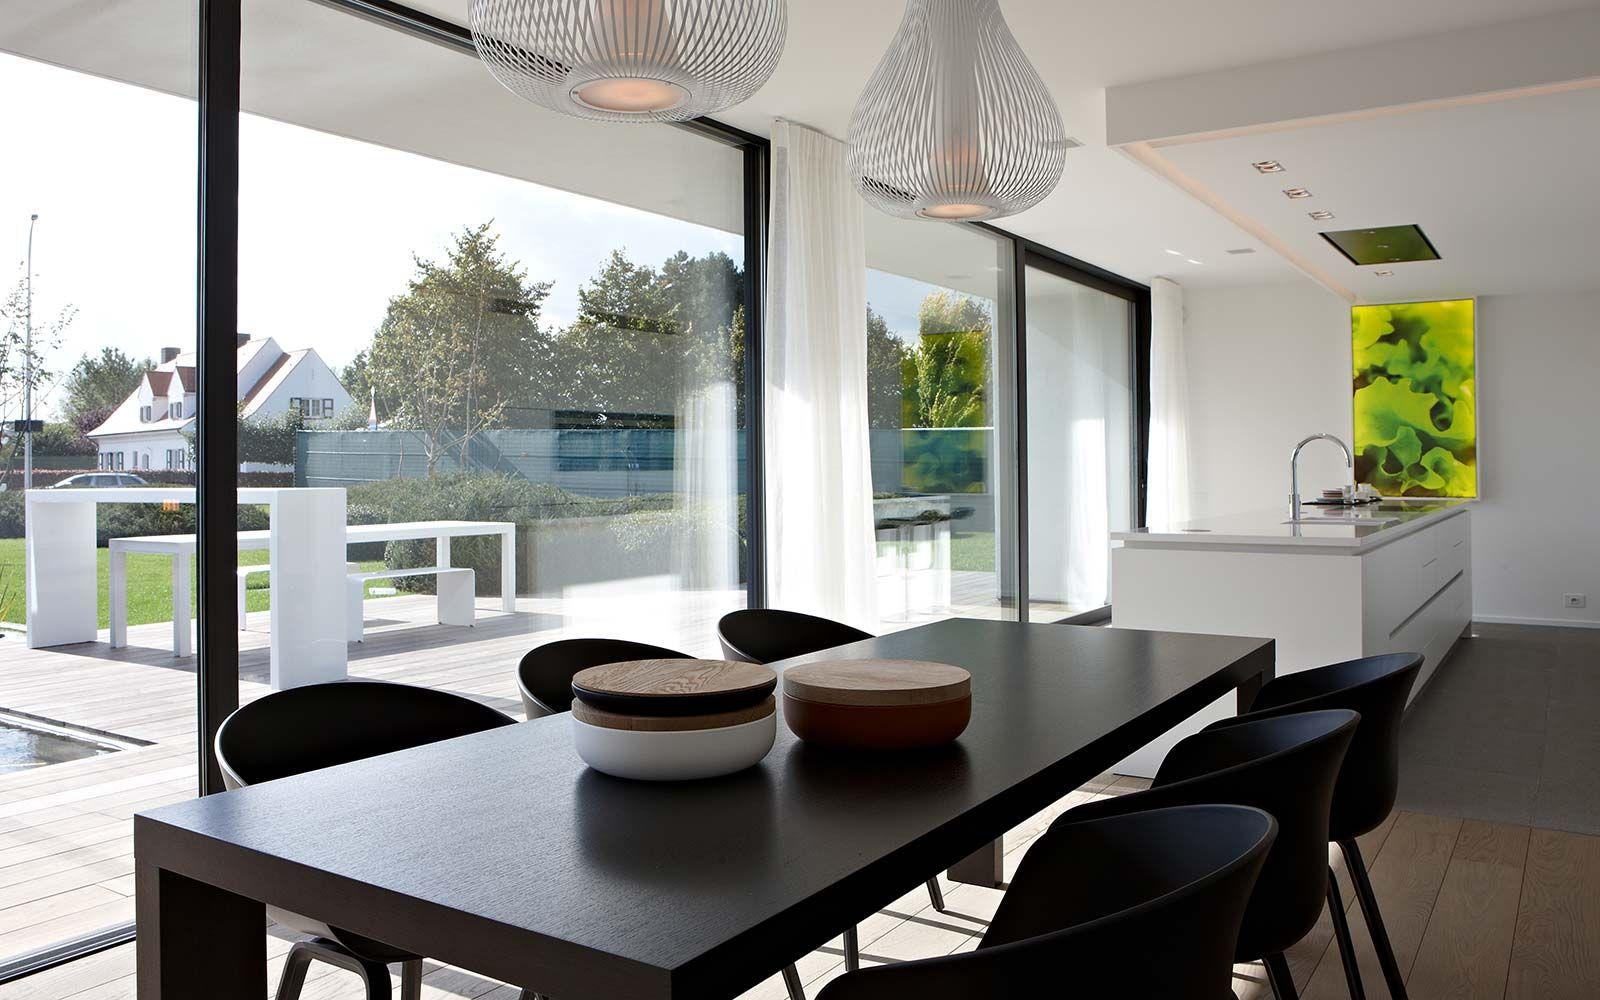 Kijkwoning tielt dumobil eetkamer huis buitenkant pinterest villas met and modern - Moderne woonkamer eetkamer ...